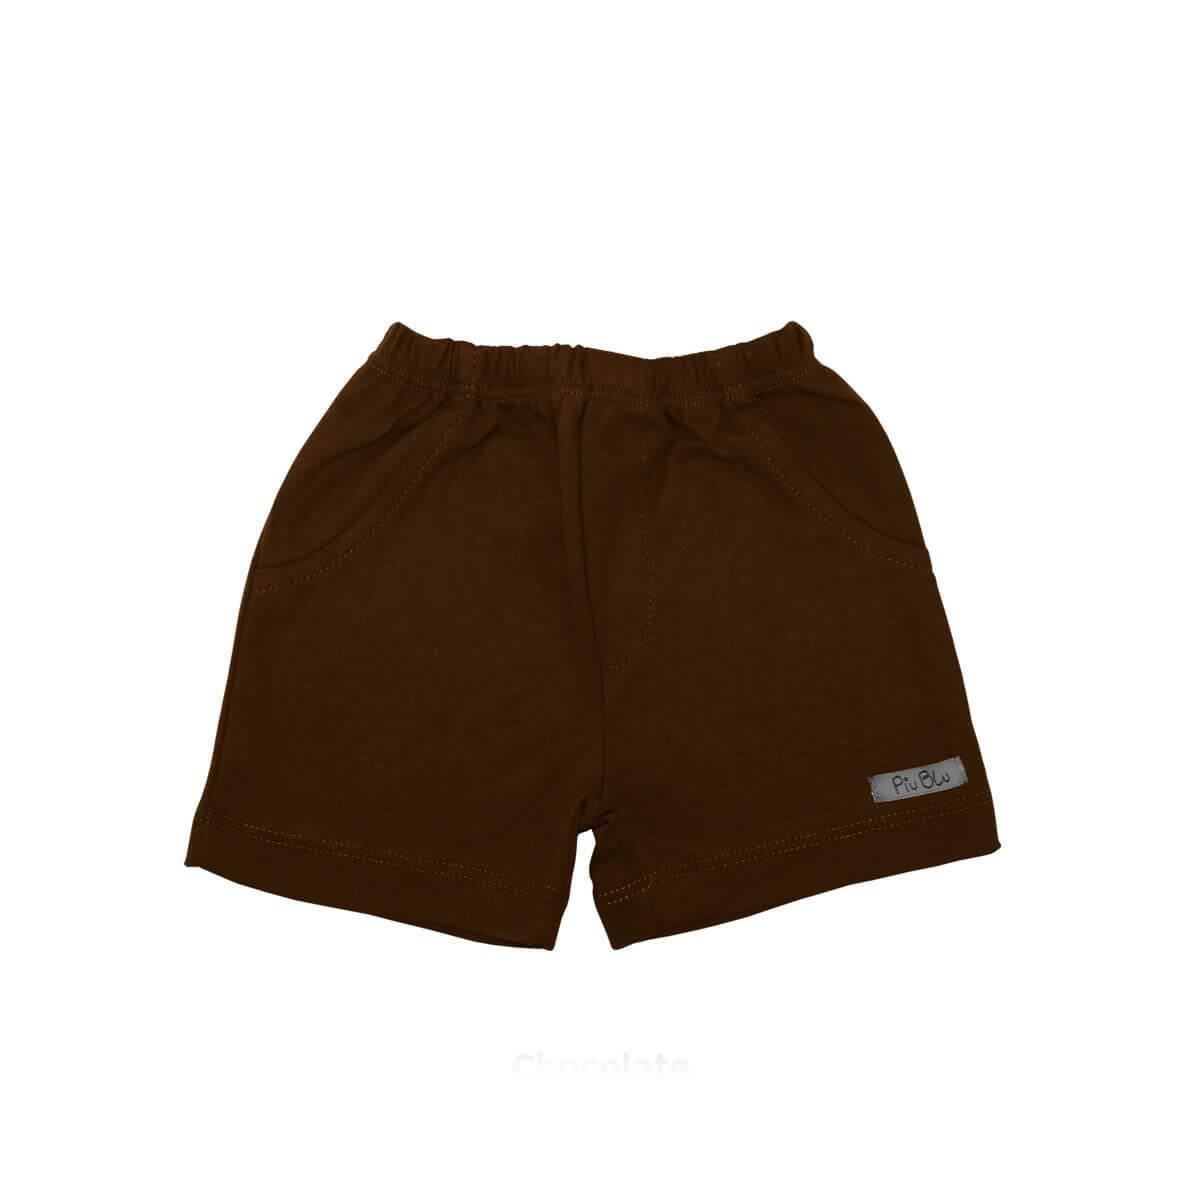 Shorts Masculino Chocolate  - Piu Blu